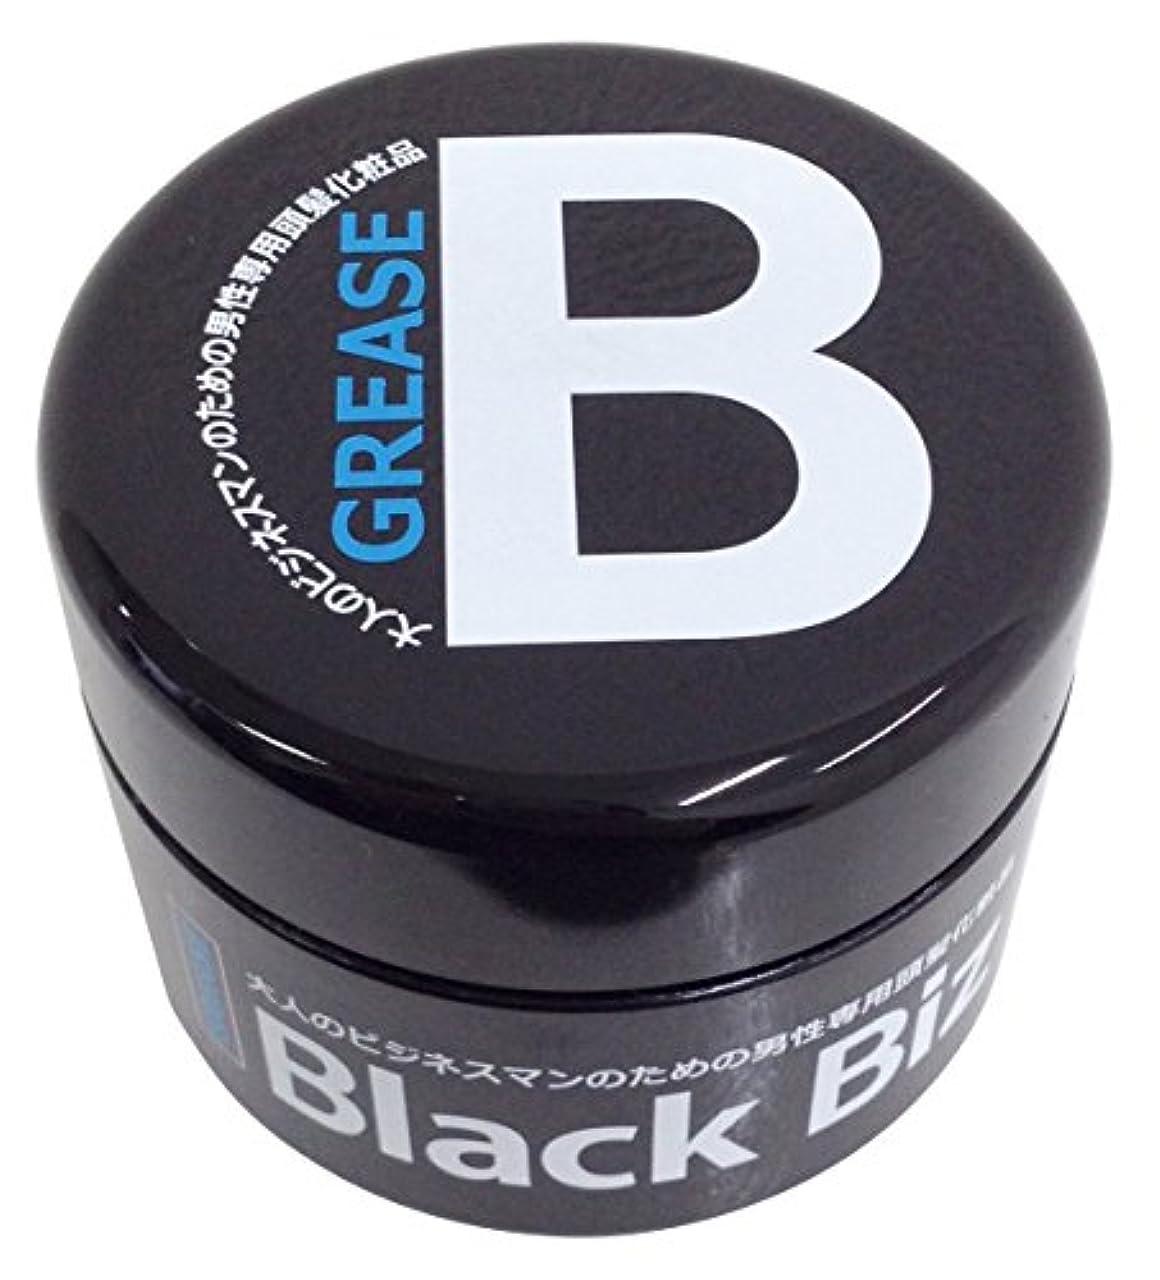 シロクマにやにや委任する大人のビジネスマンのための男性専用頭髪化粧品 BlackBiz GREASE SOFT ブラックビズ グリース ソフト